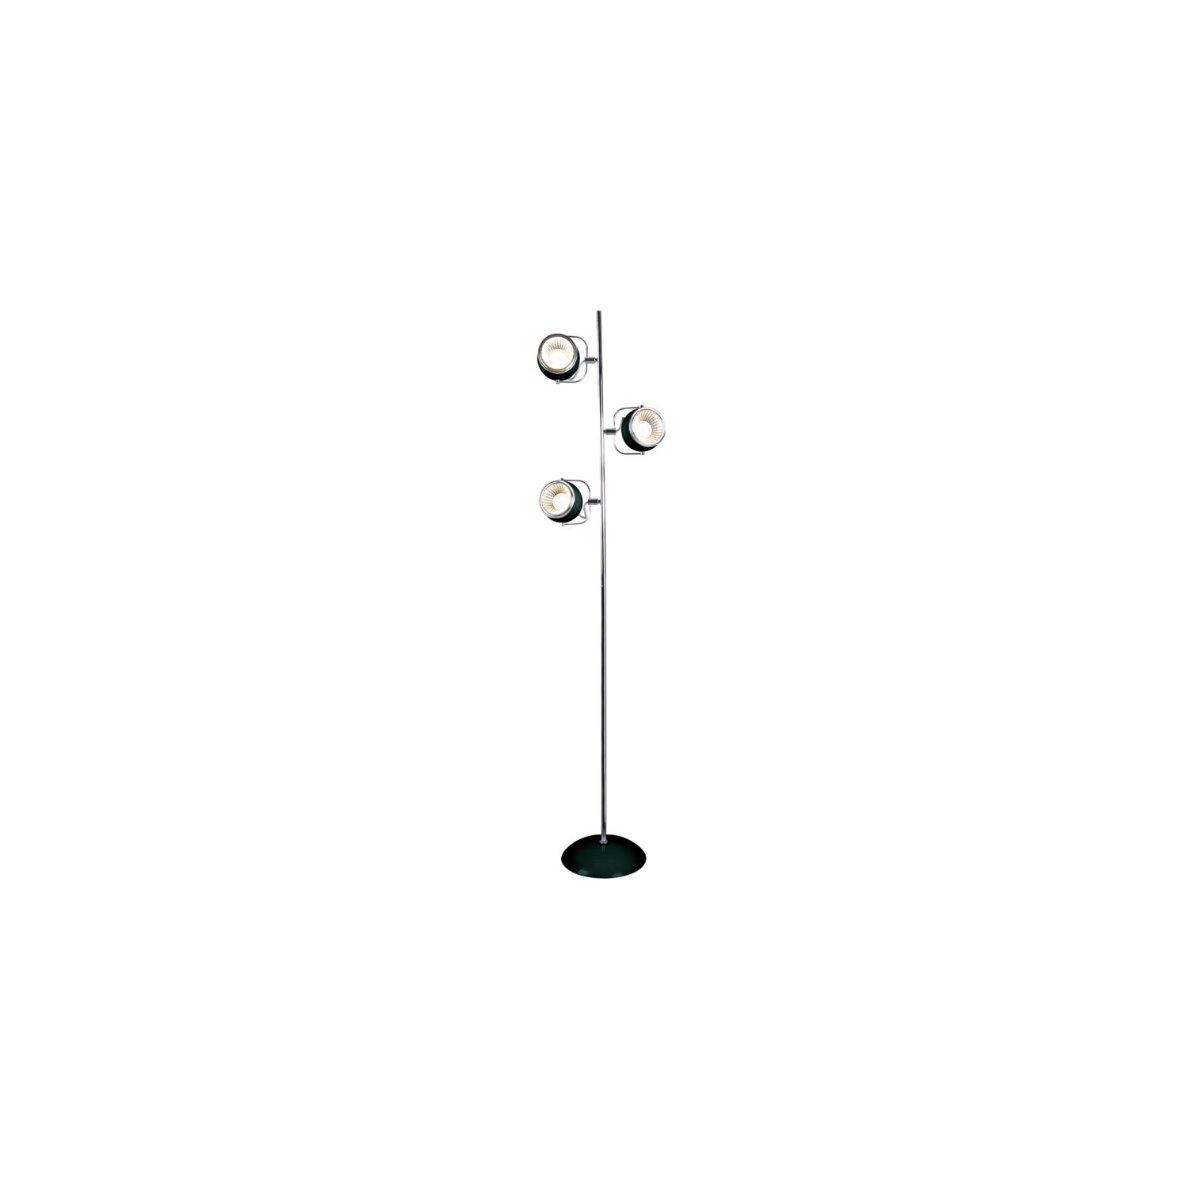 Strahler-GU10-Spot-Leuchte-Lampe-Decke-Deckenleuchte-Tisch-Retro-chrom-rot-weiss